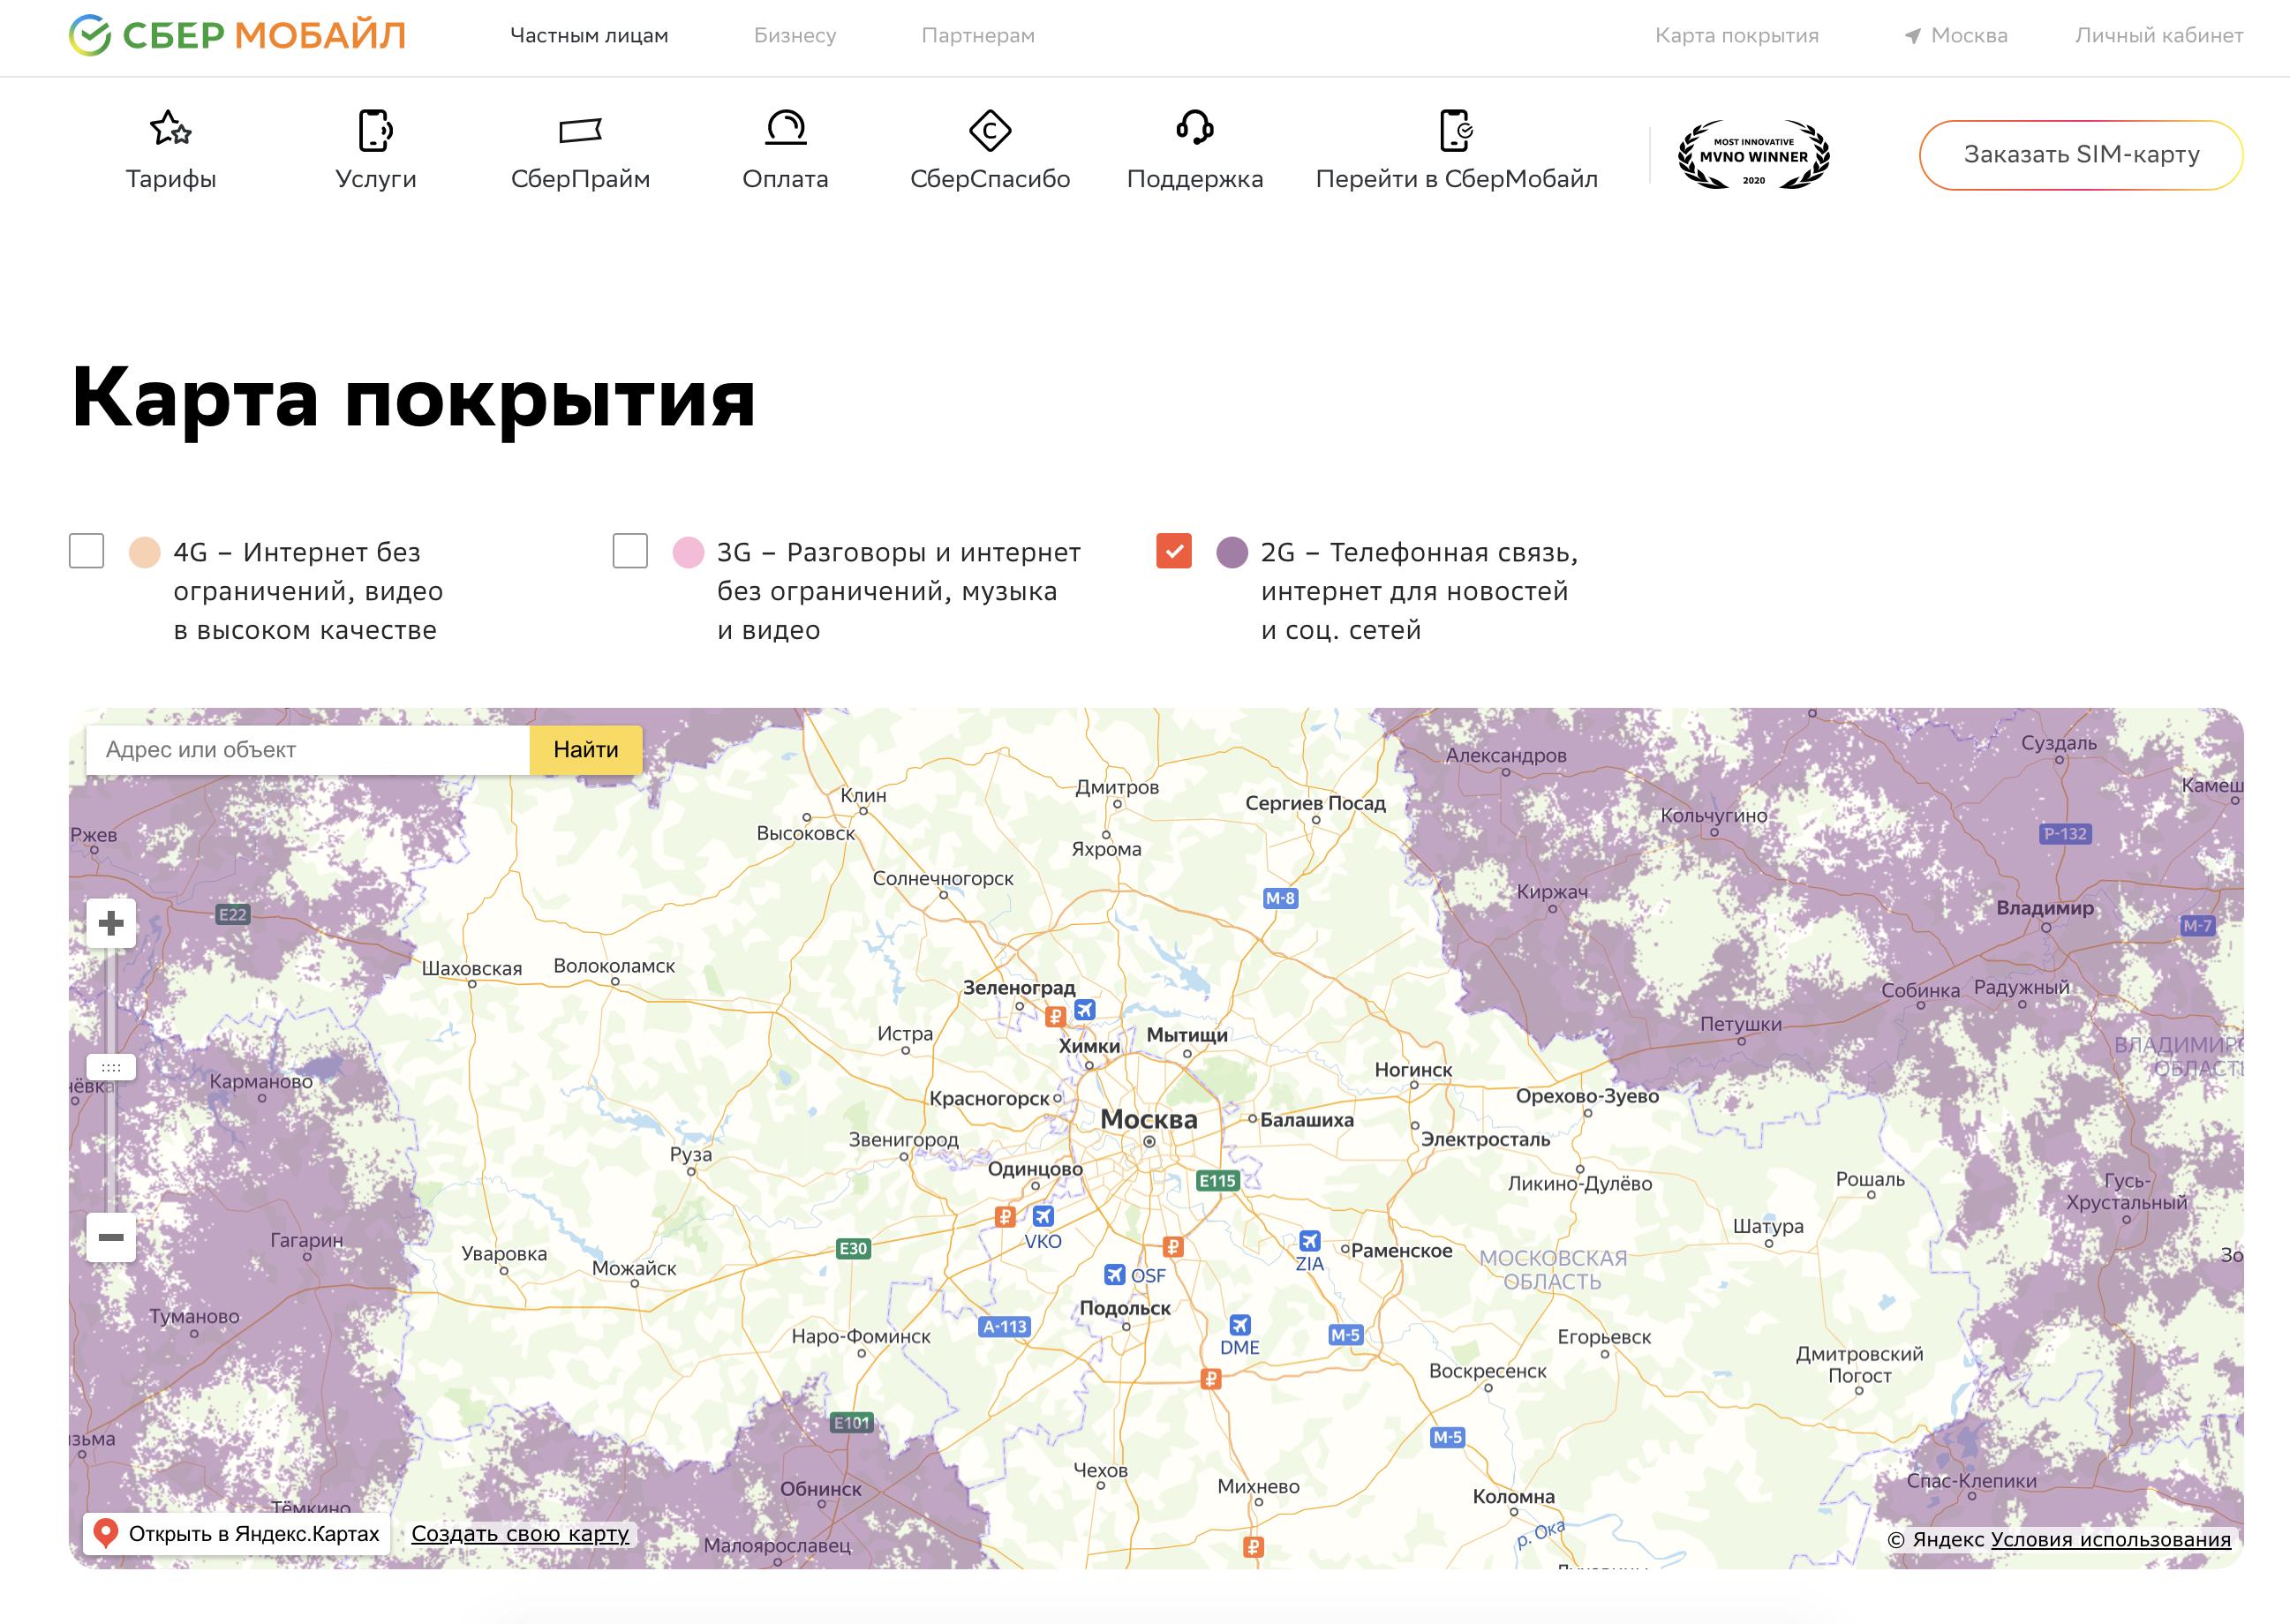 зона покрытия сбермобайл в россии зона покрытия 2G